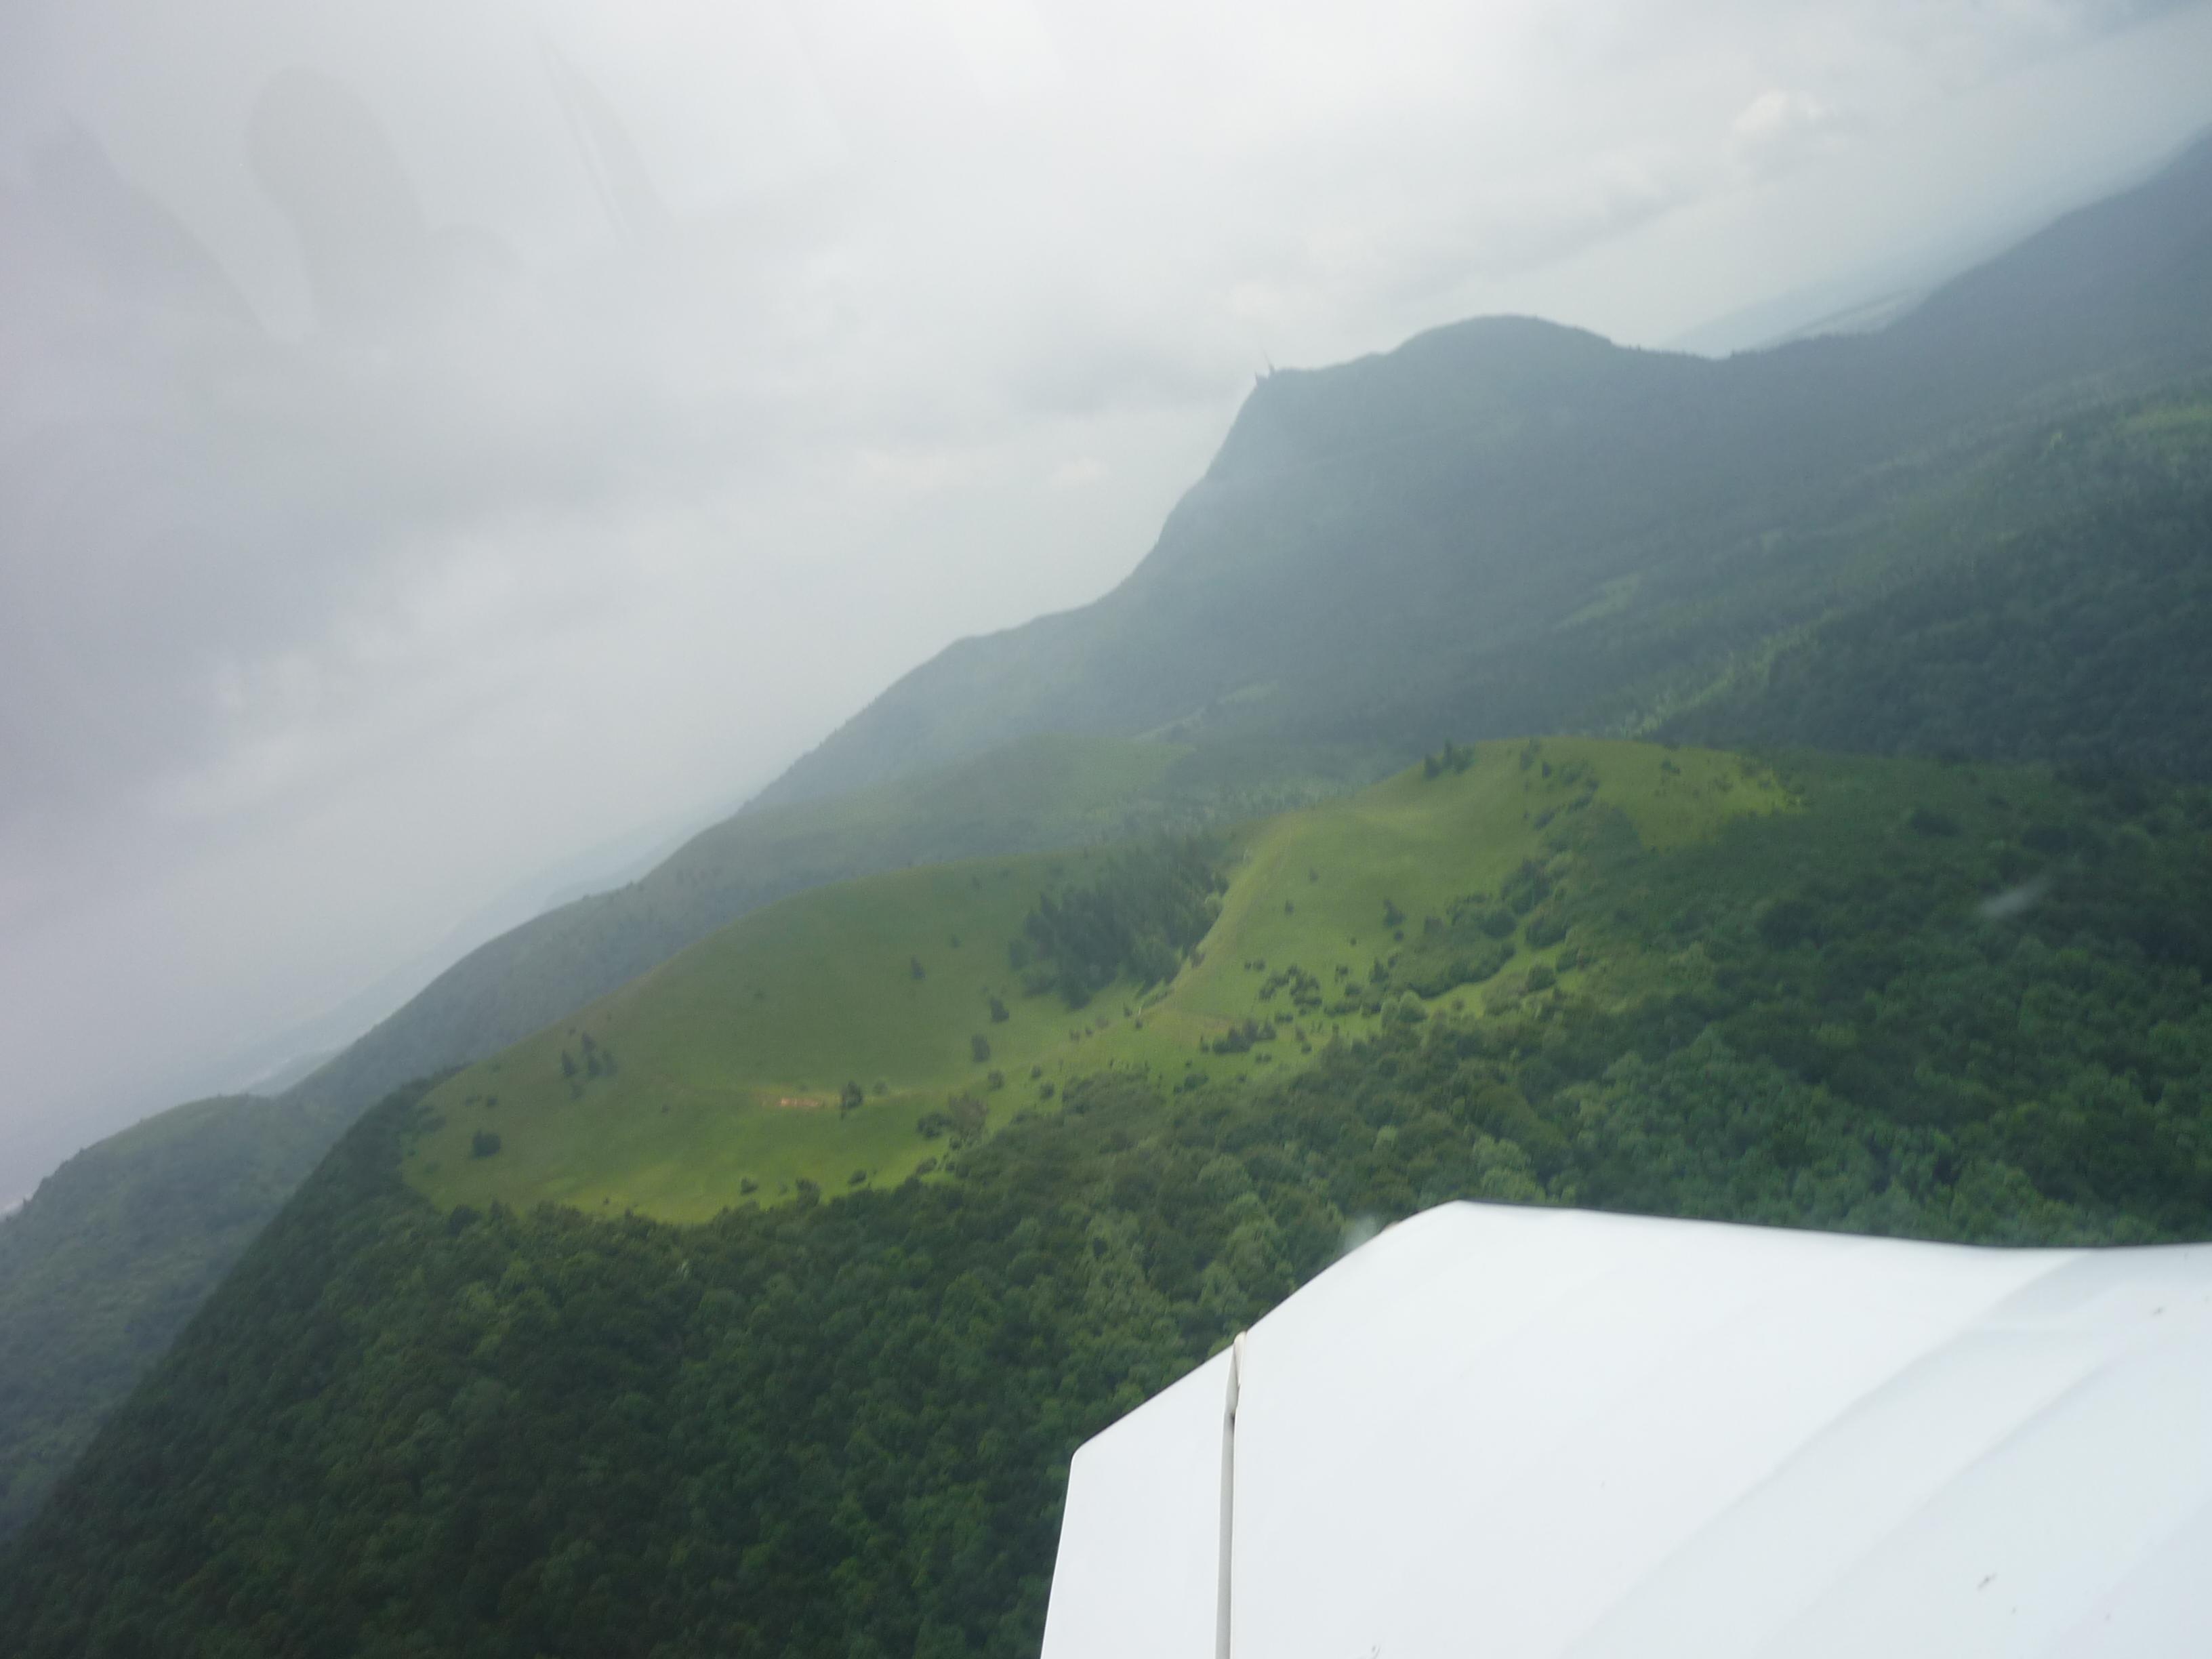 Les volcans d'Auvergne vus d'avion dans un ciel orageux